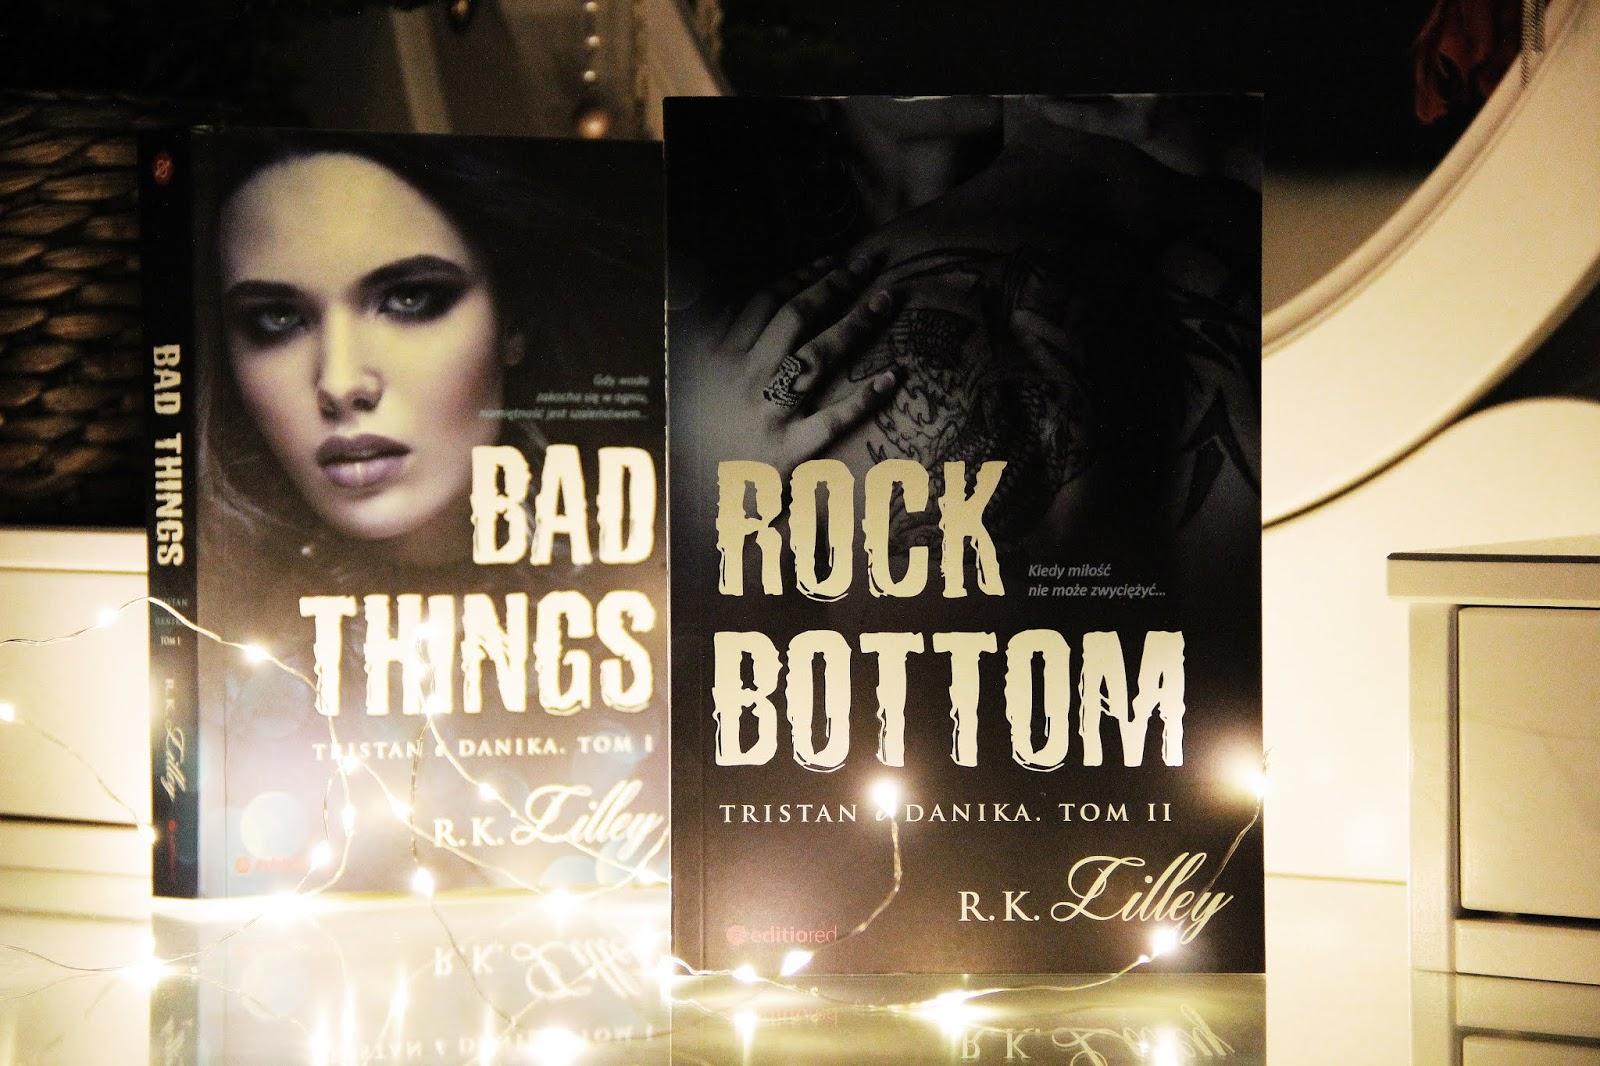 Rock bottom - R.K. Lilley 📖